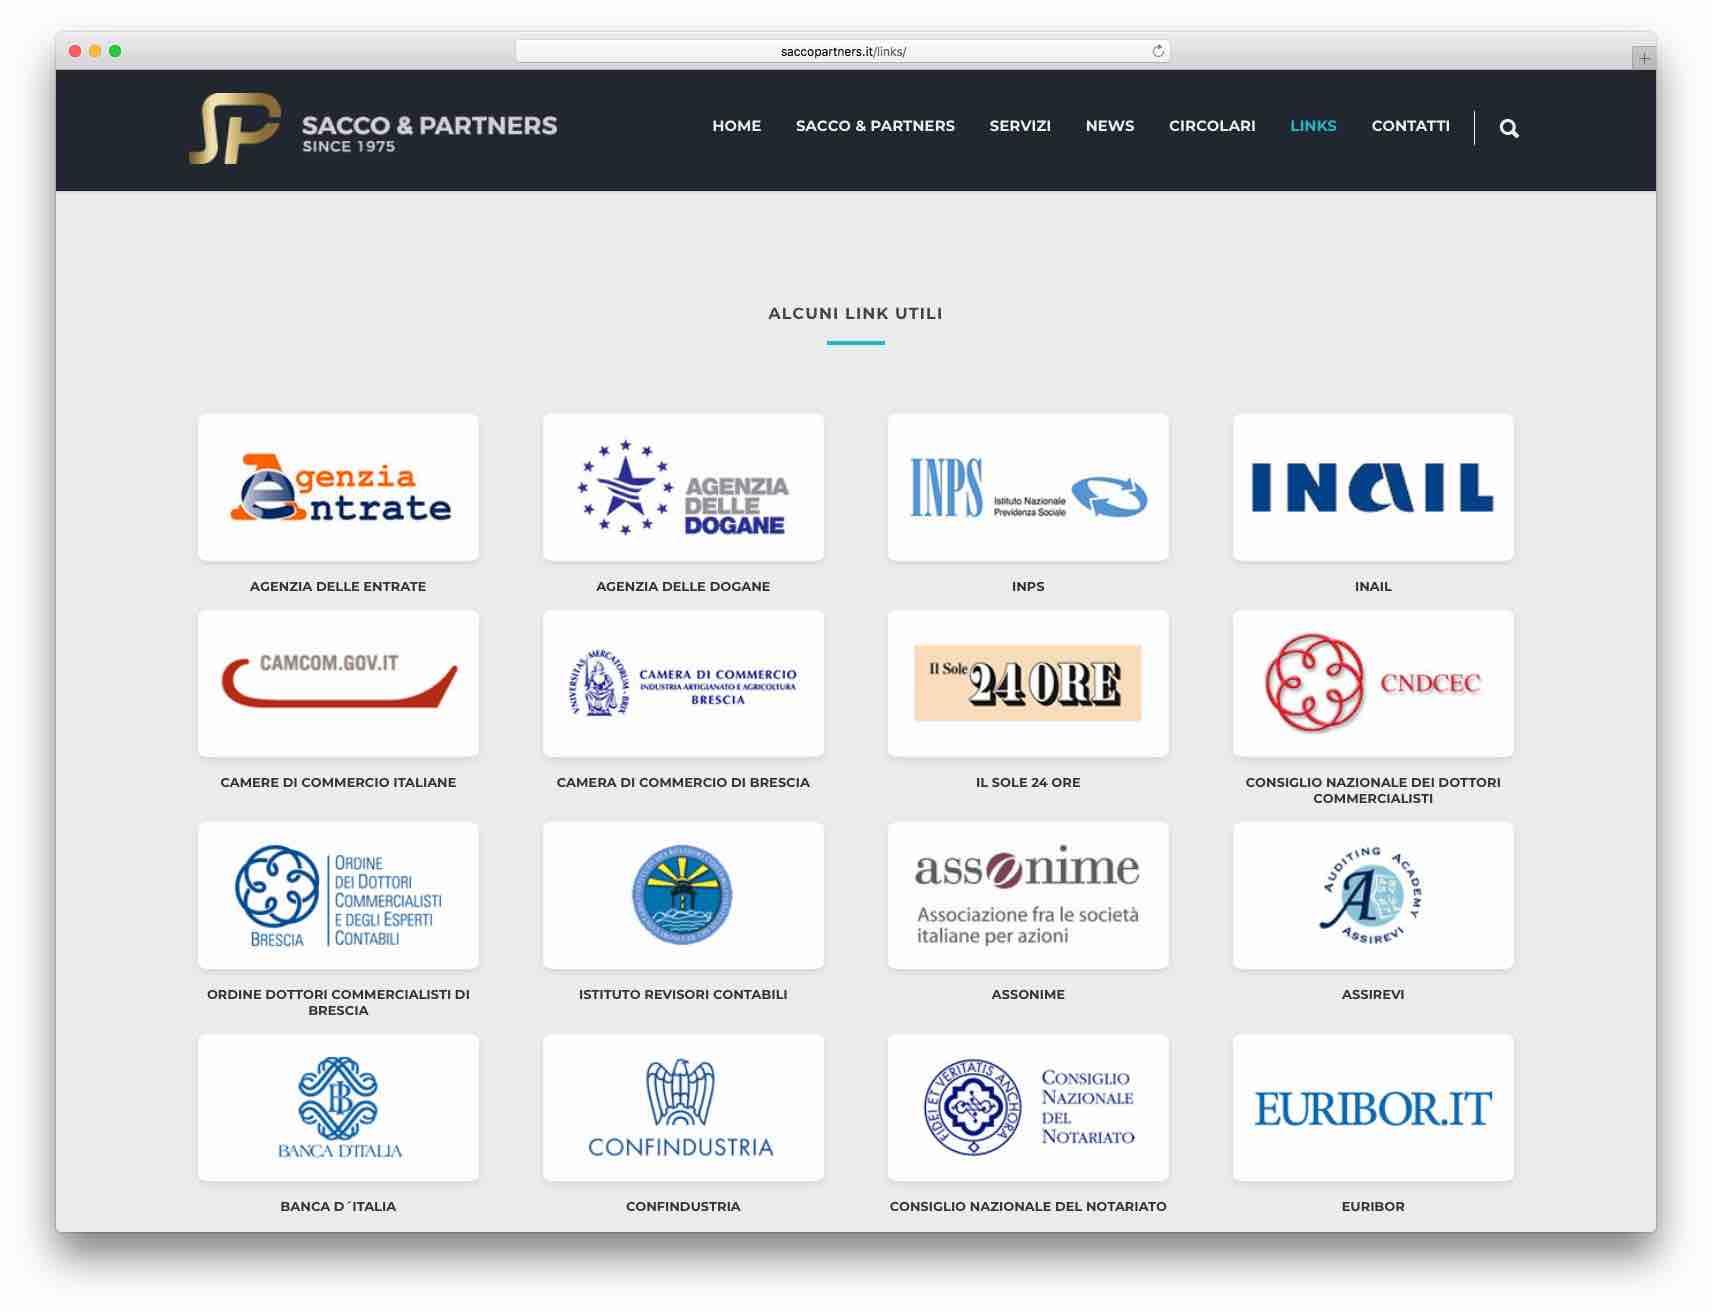 creazione siti web brescia - Sito Web Sacco & Partners